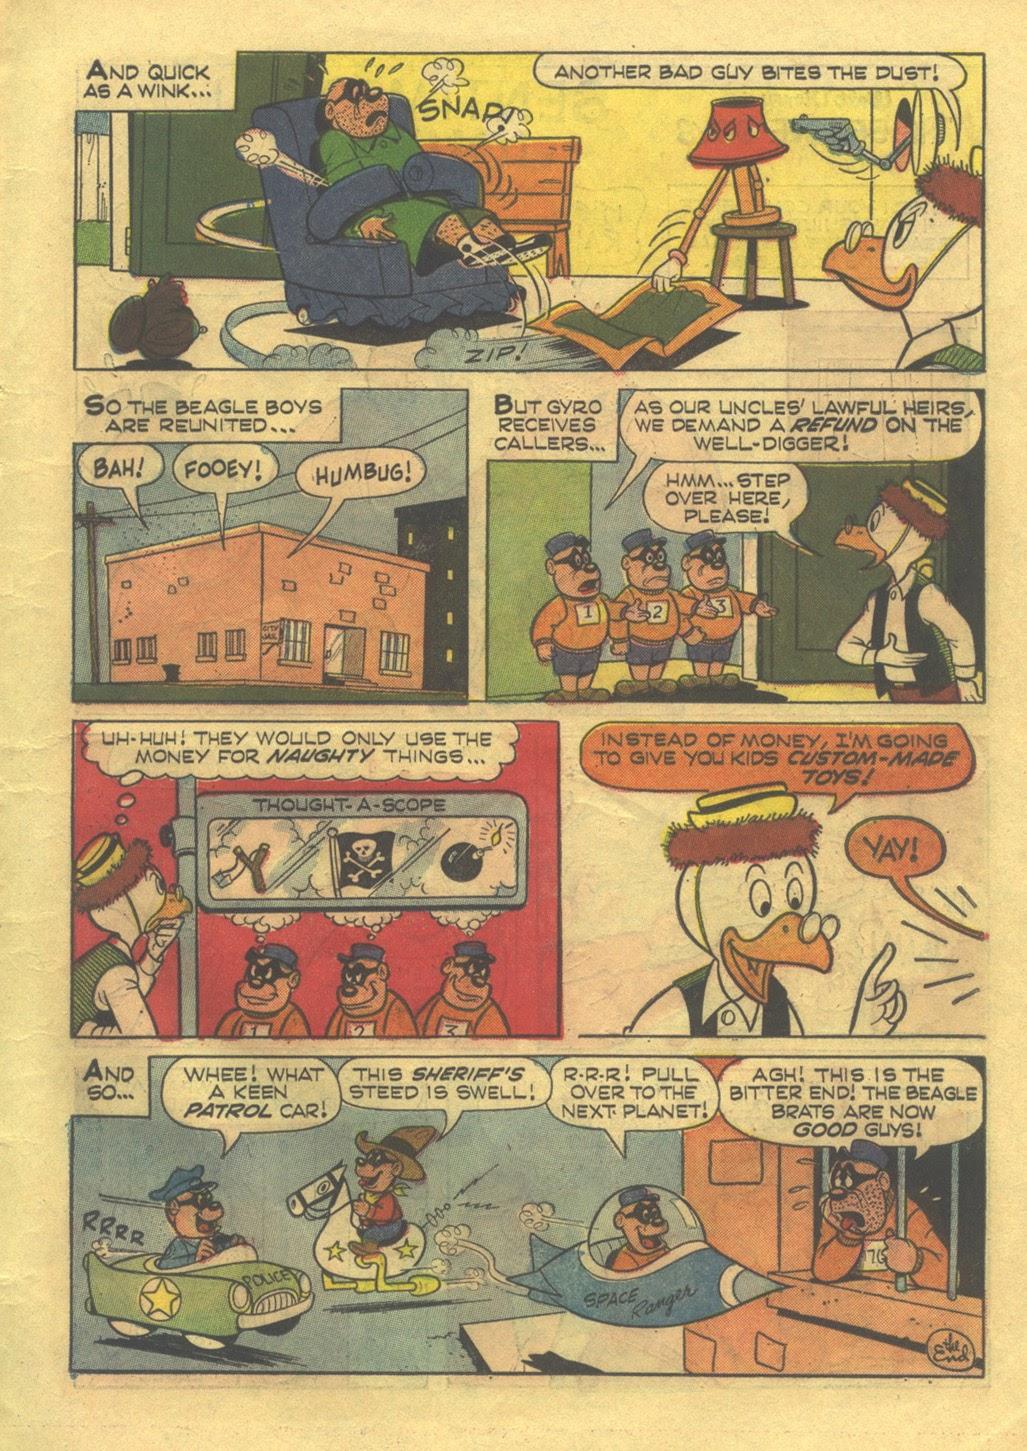 Walt Disney THE BEAGLE BOYS issue 3 - Page 15